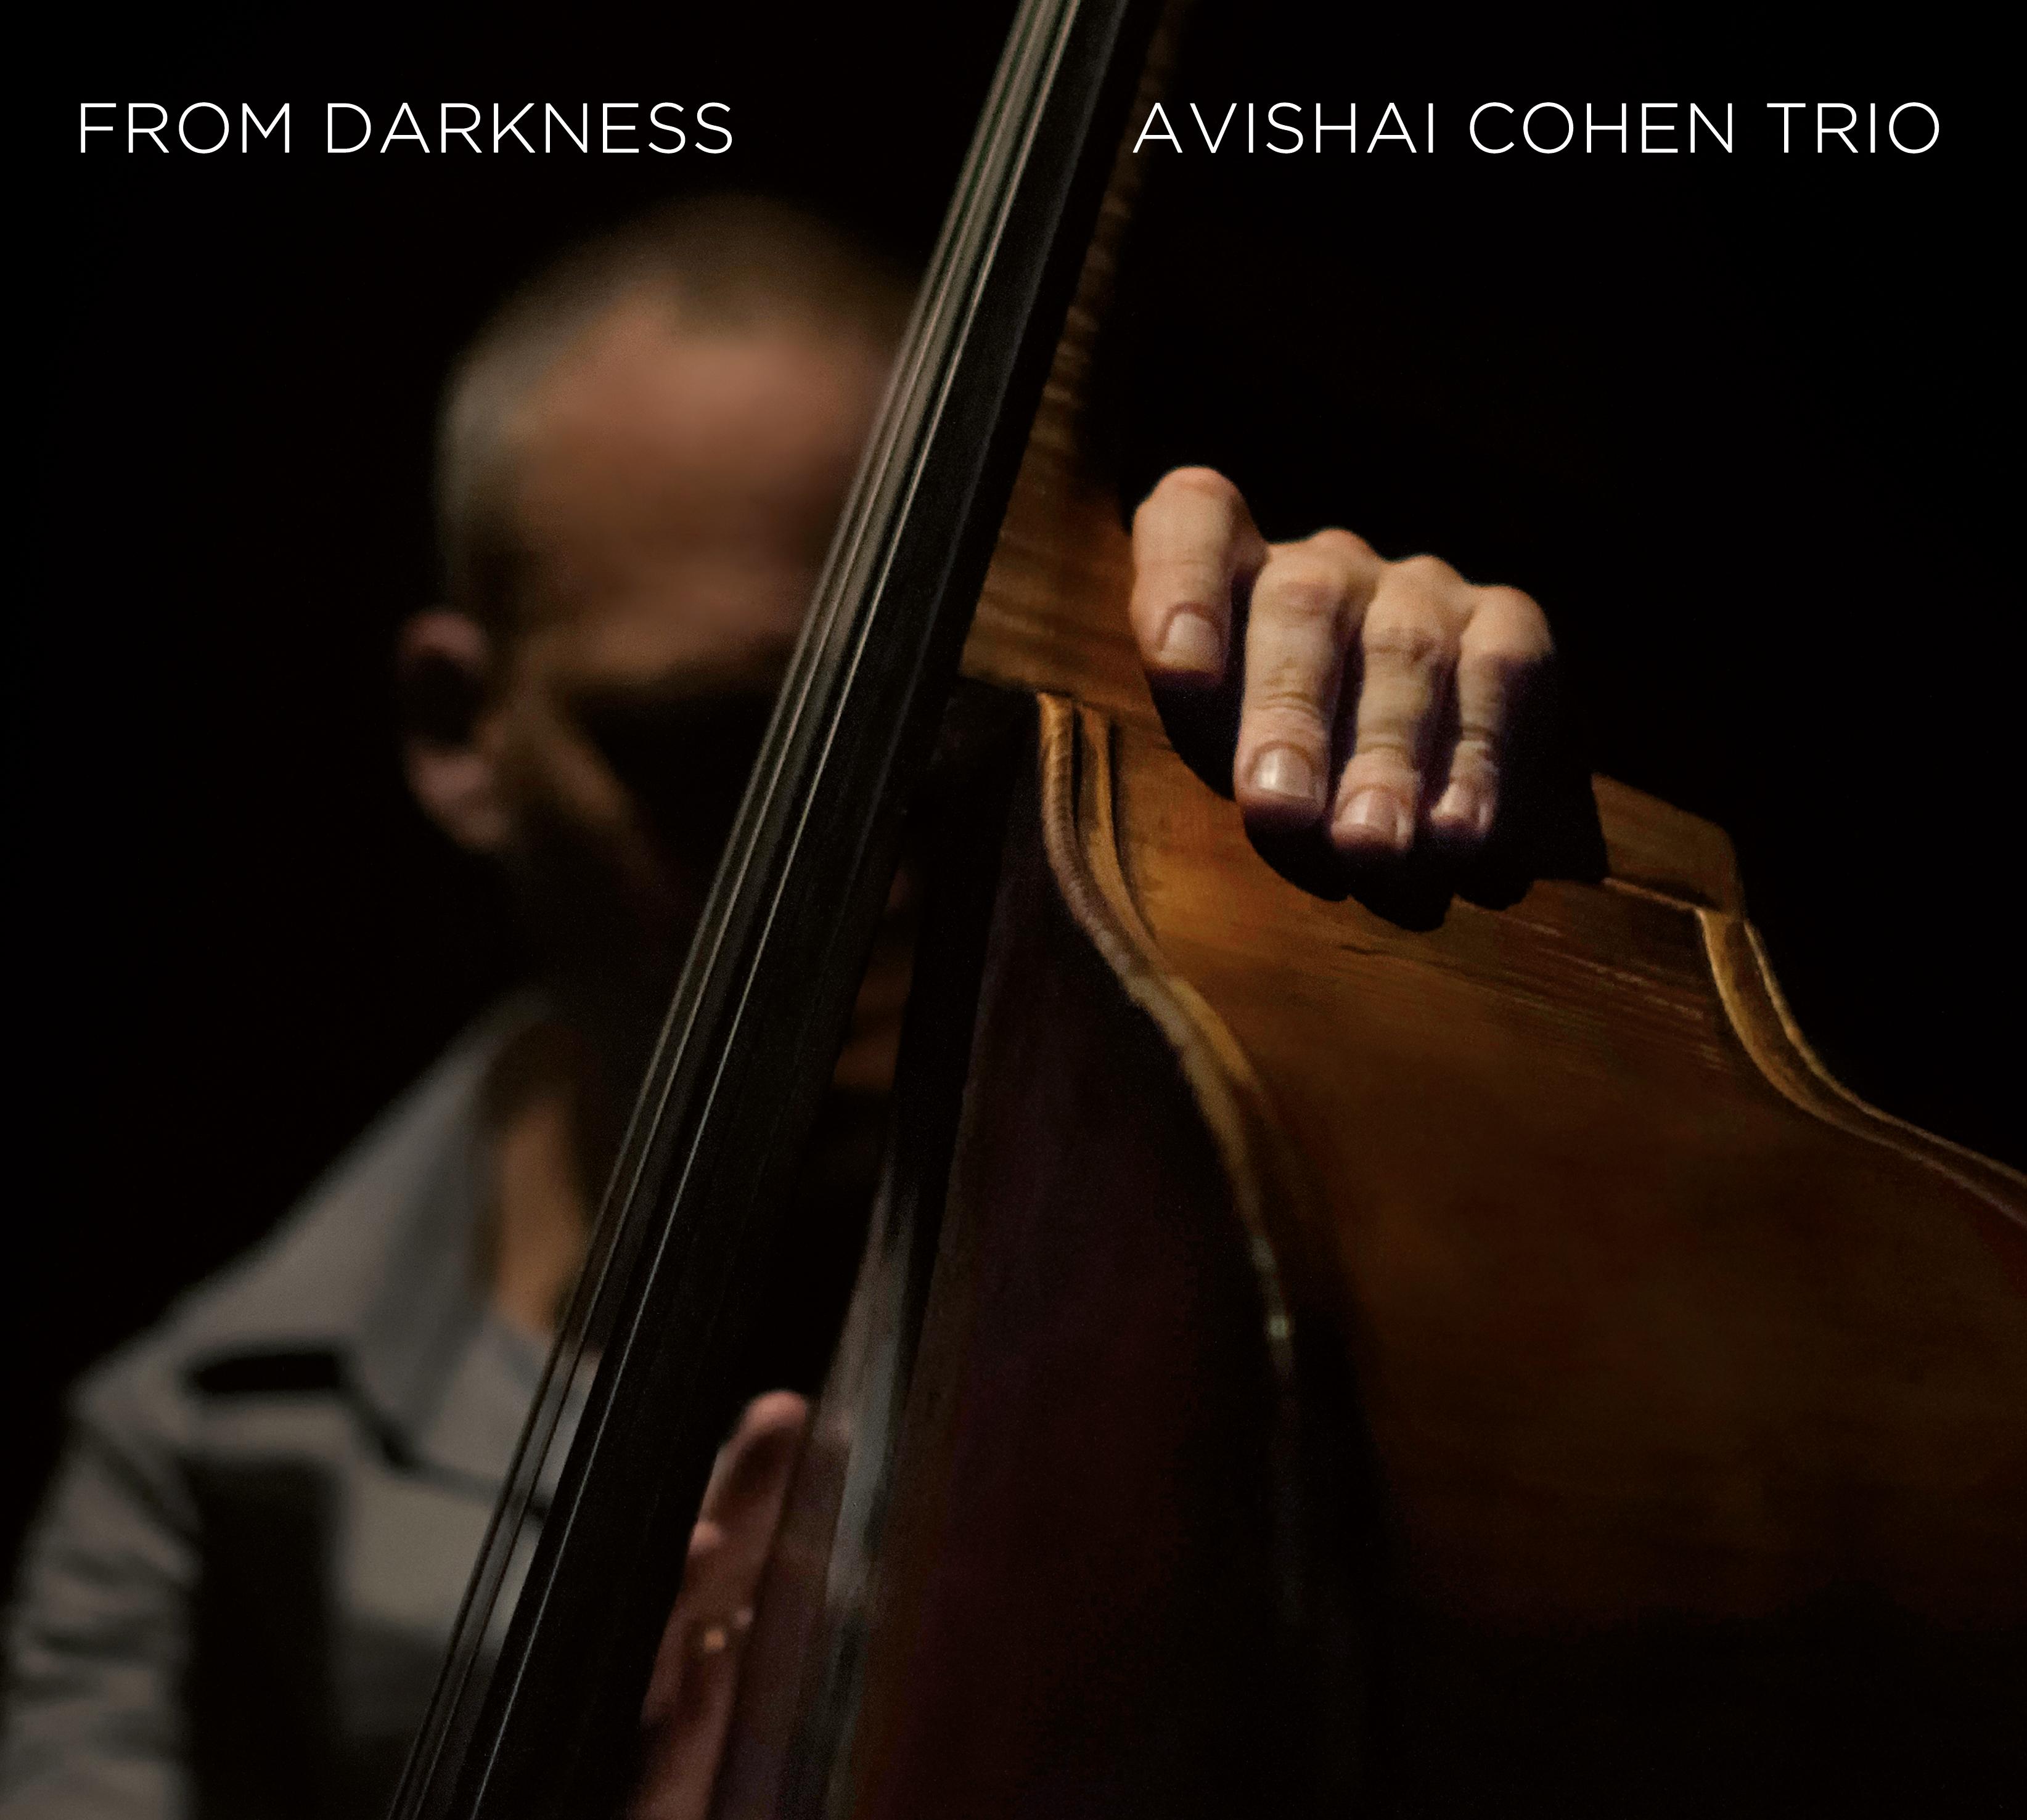 ¿AHORA ESCUCHAS?, JAZZ (2) - Página 37 Avishai-Cohen-From-Darkness-cover-RGB-72dpi